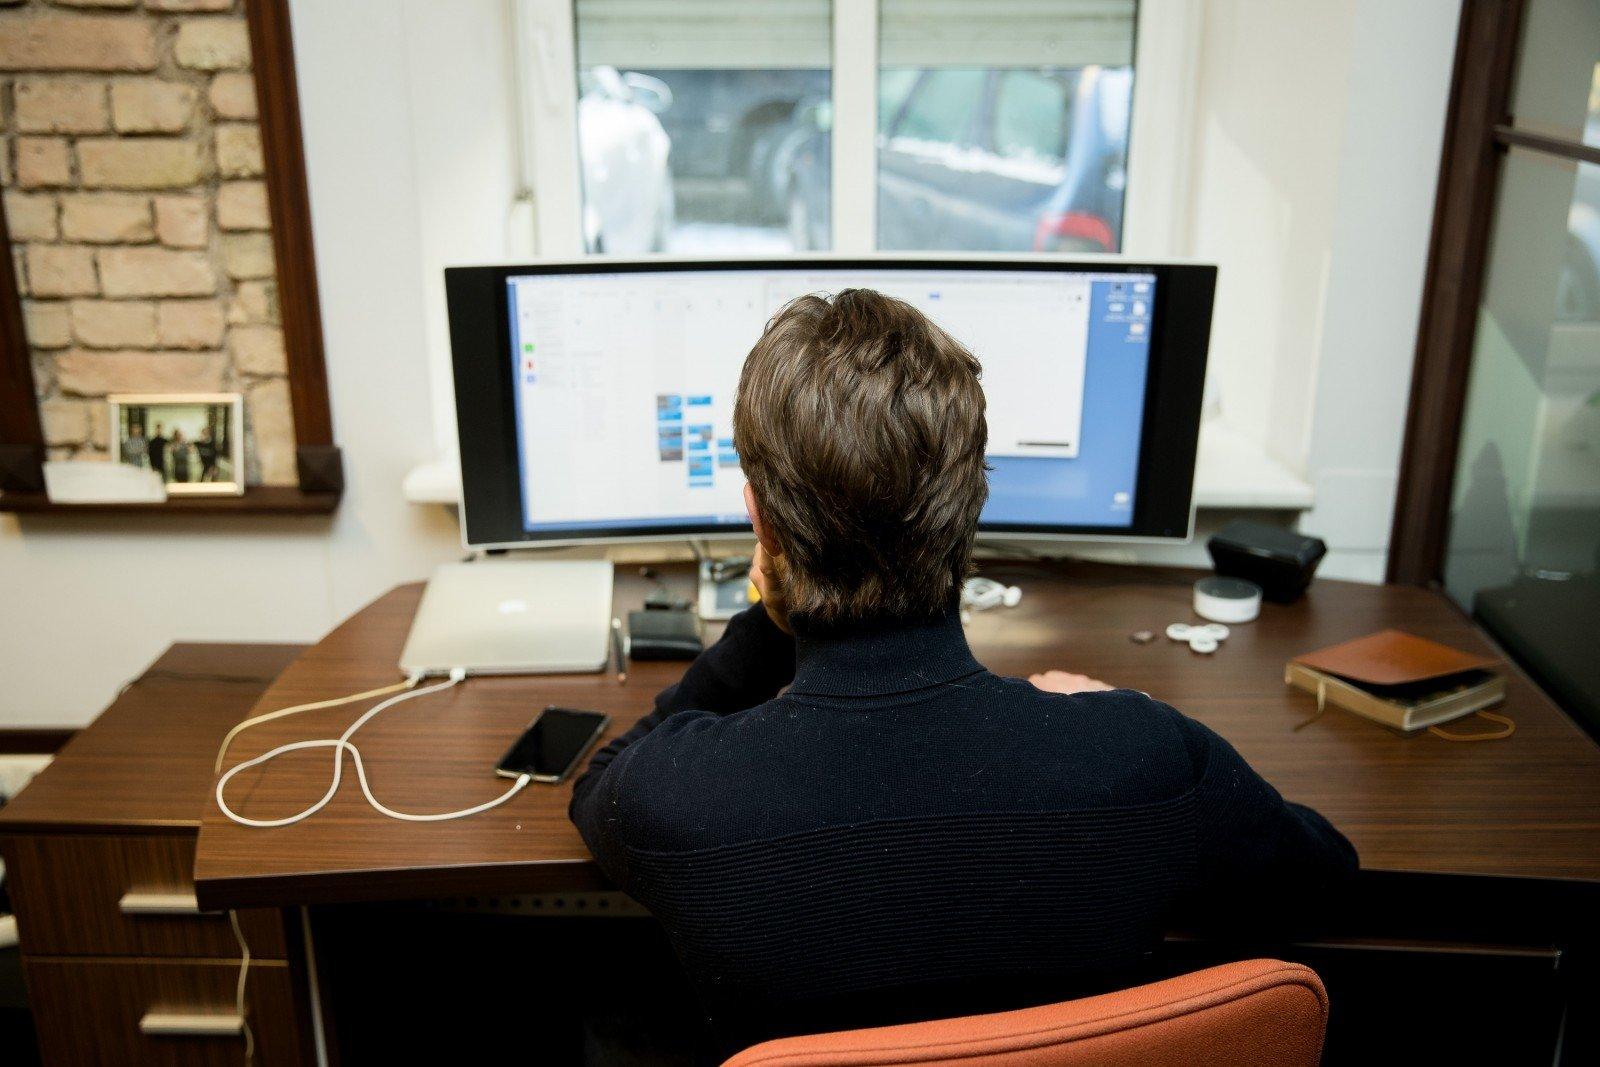 Dvi Lietuvos įmonės ėmėsi eksperimento: trumpina darbo dieną nemažindamos atlyginimo